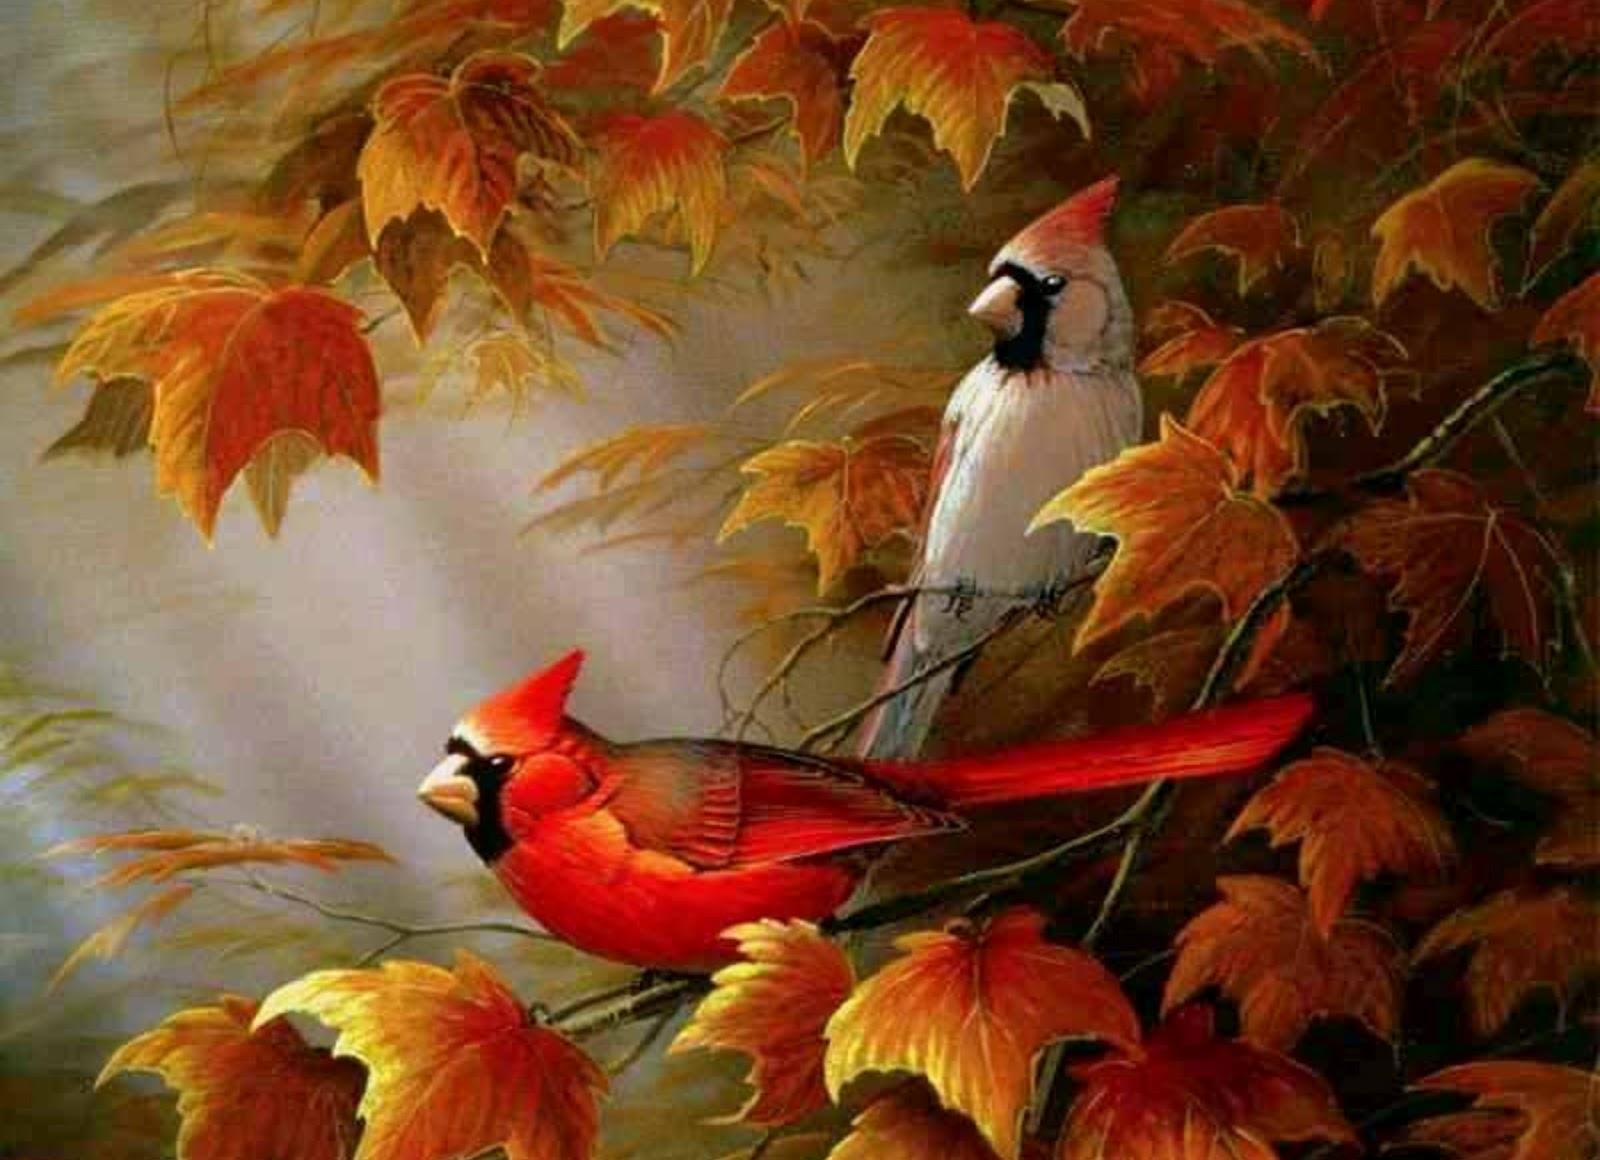 cardinalscardinal birdflying cardinalsweet cardinalsred cardinal 1600x1160